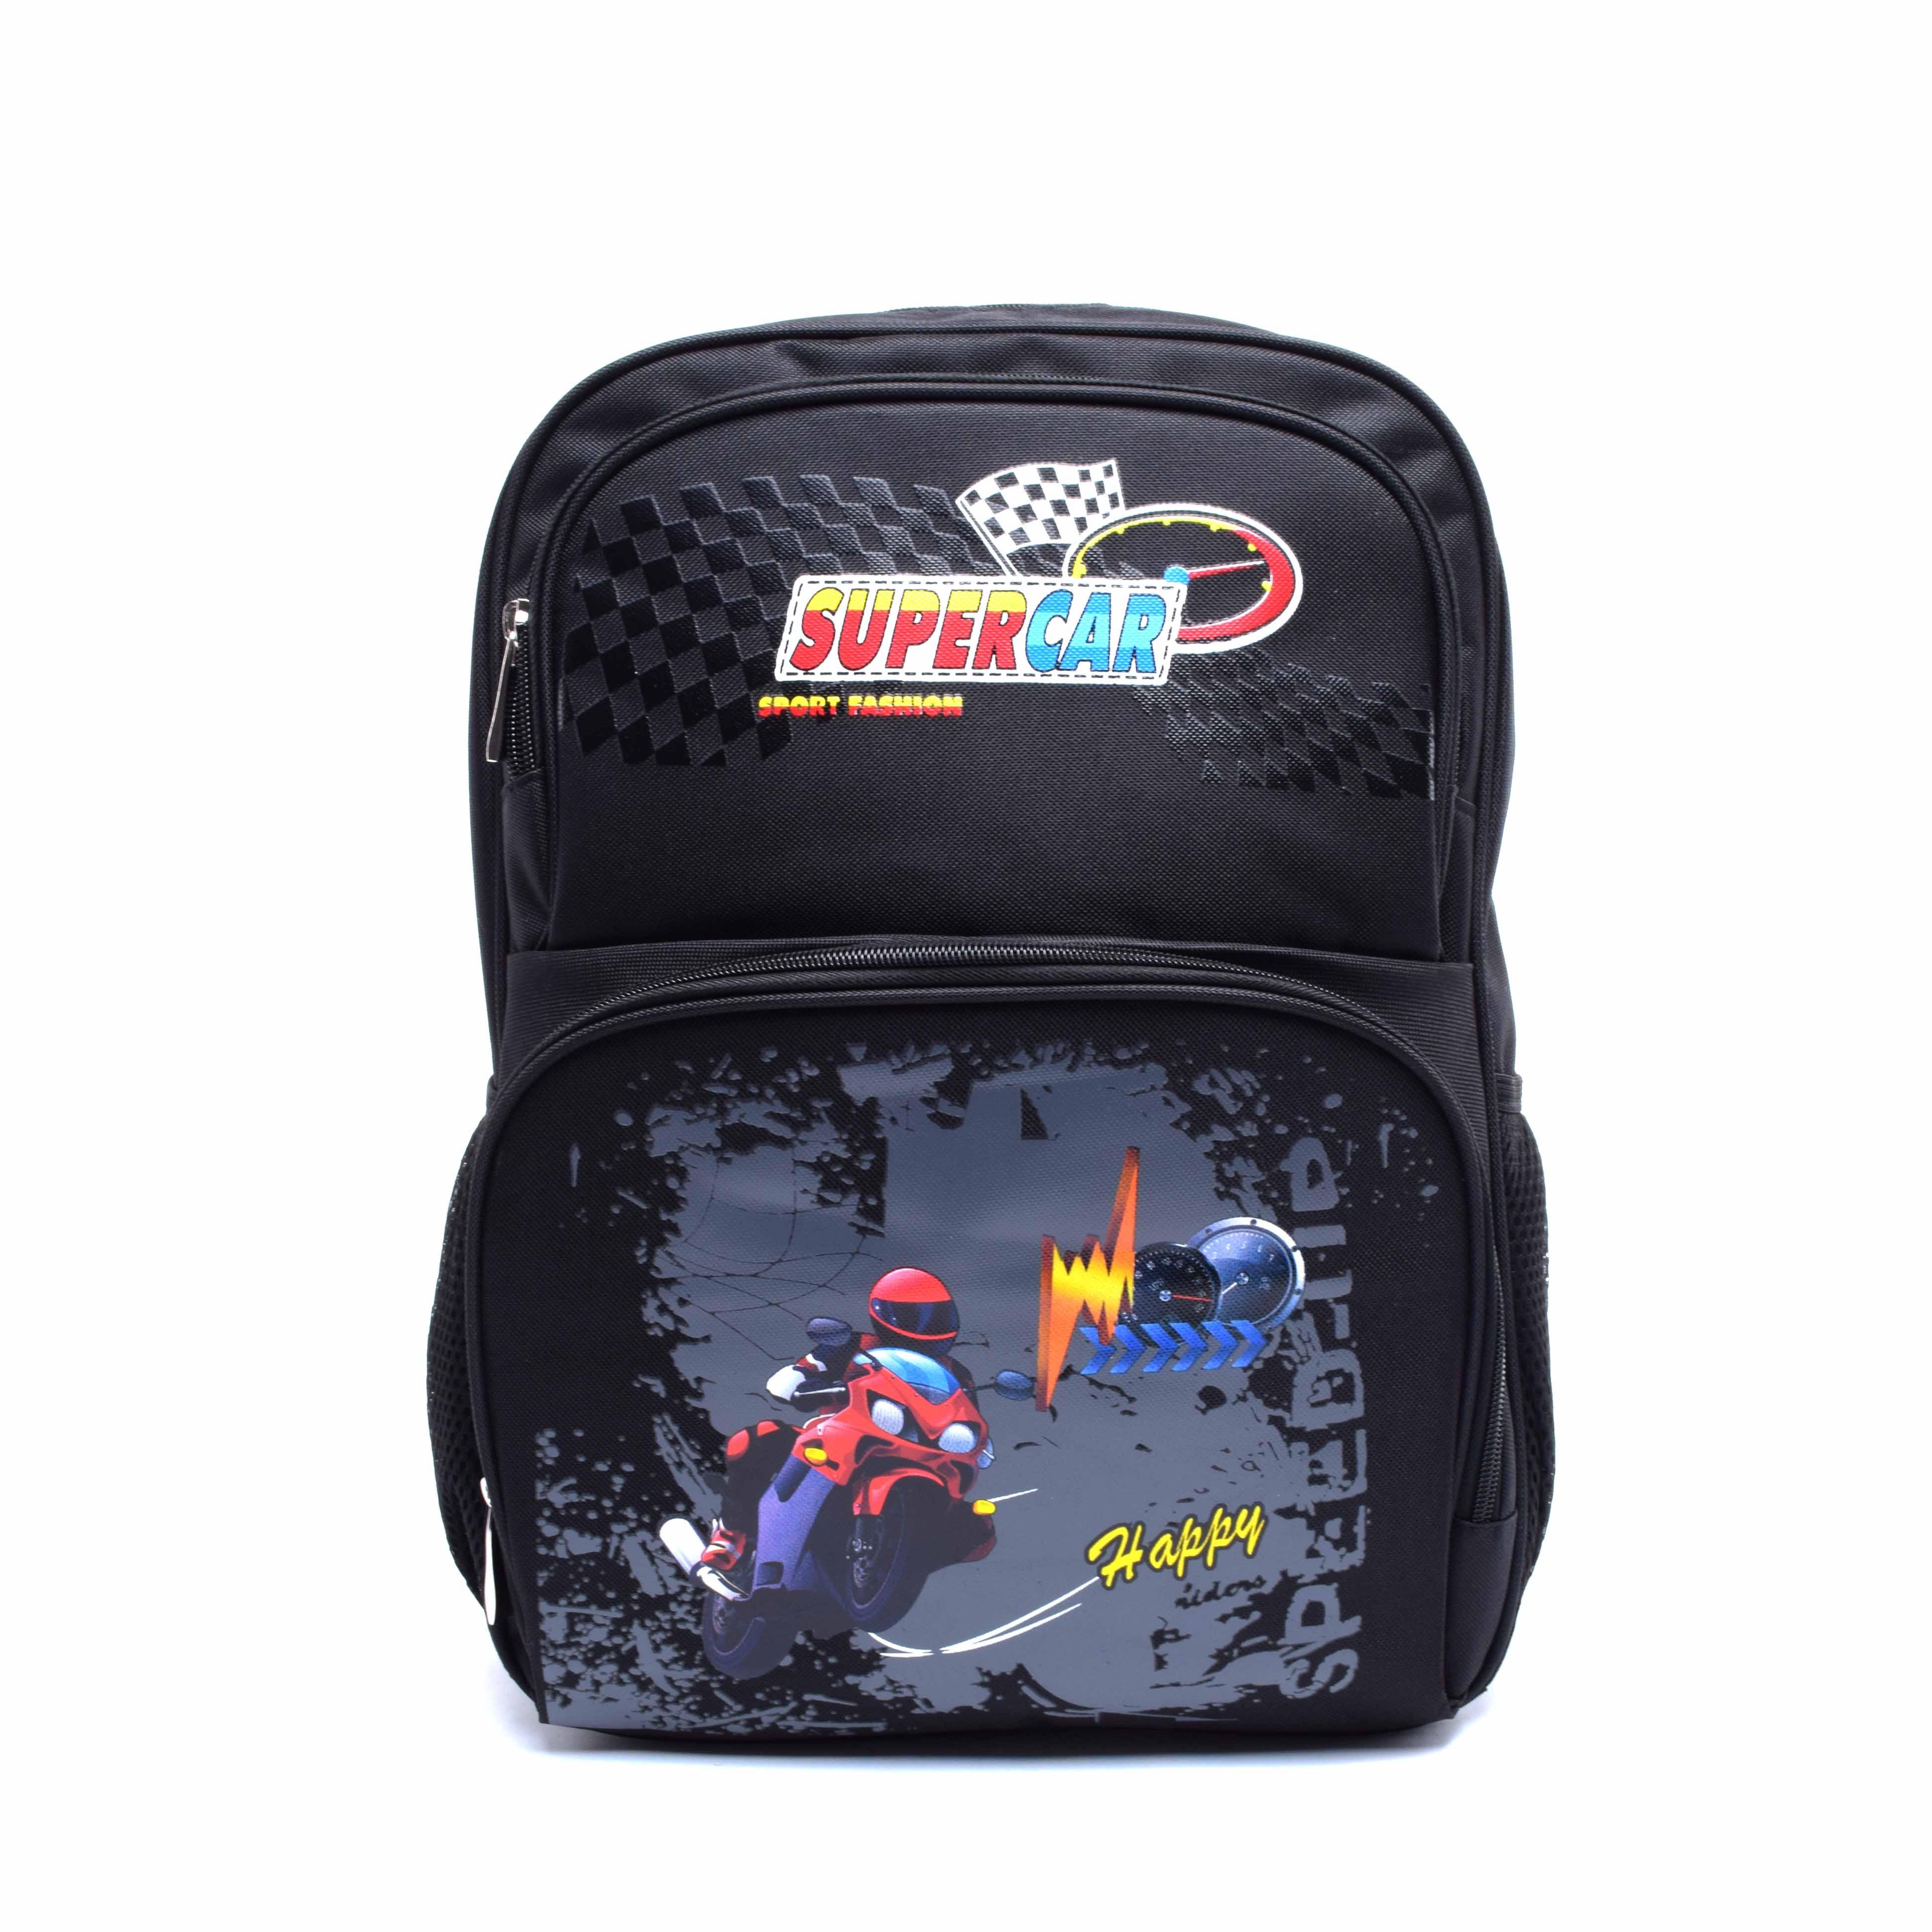 Hátizsák Iskolatáska Gyerekeknek Motoros Fekete - ISKOLATÁSKÁK - Táska  webáruház - Minőségi táskák mindenkinek 7bea20fabb